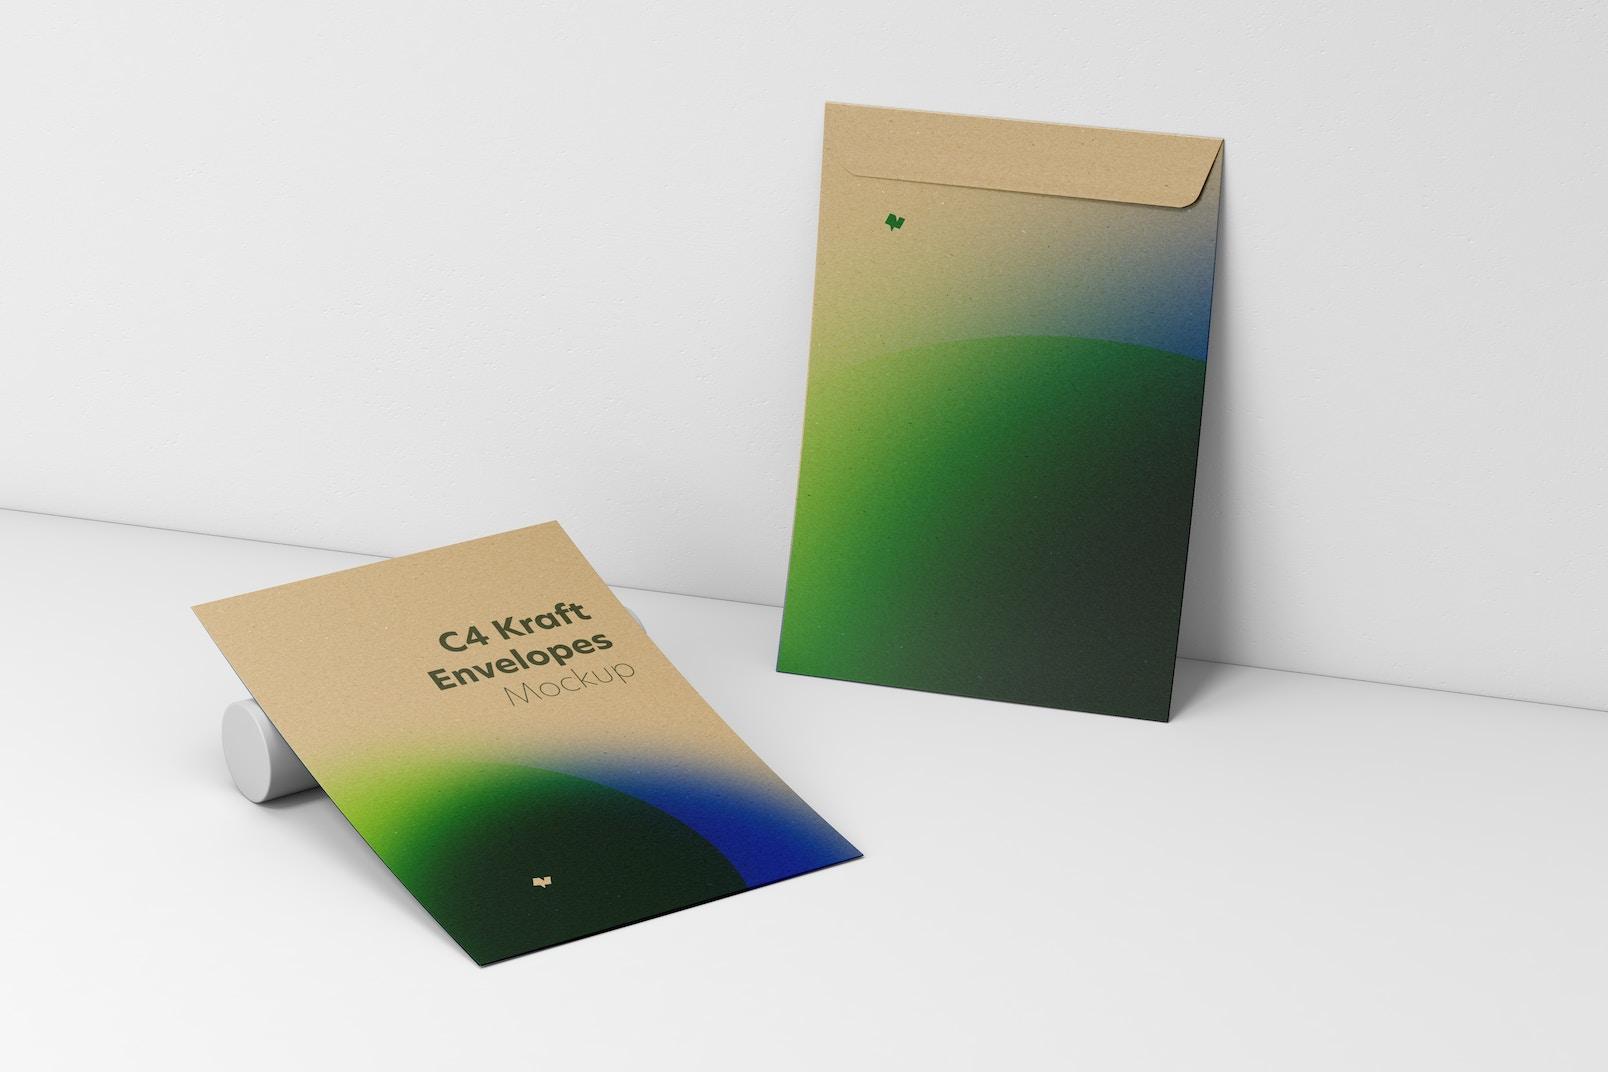 C4 Kraft Envelopes Mockup, Leaned